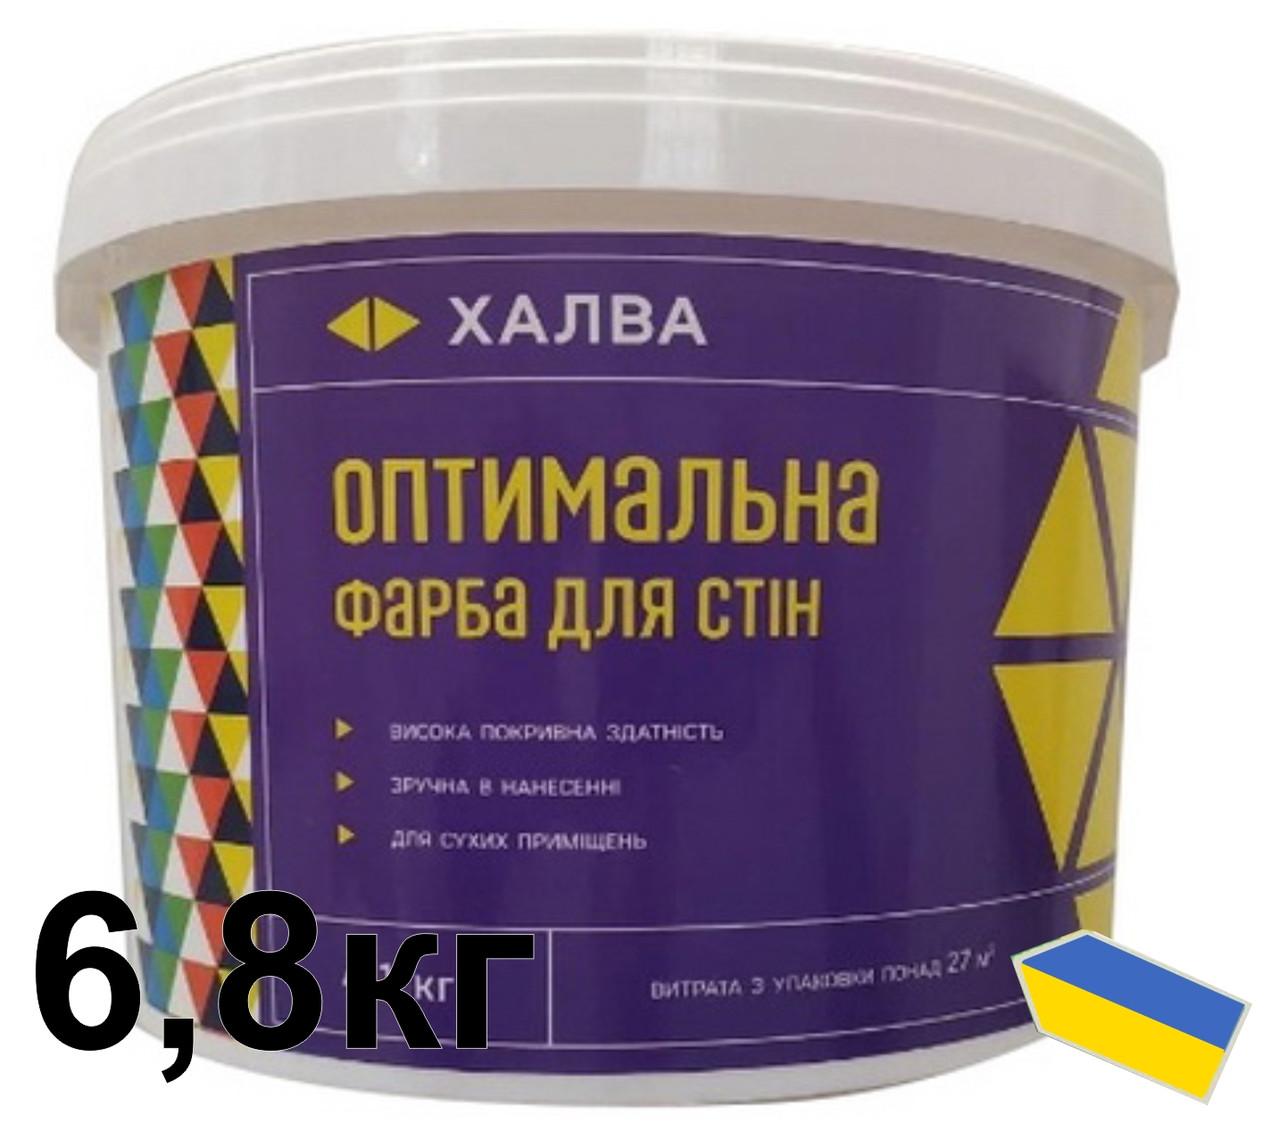 Оптимальная краска для стен 6,8кг